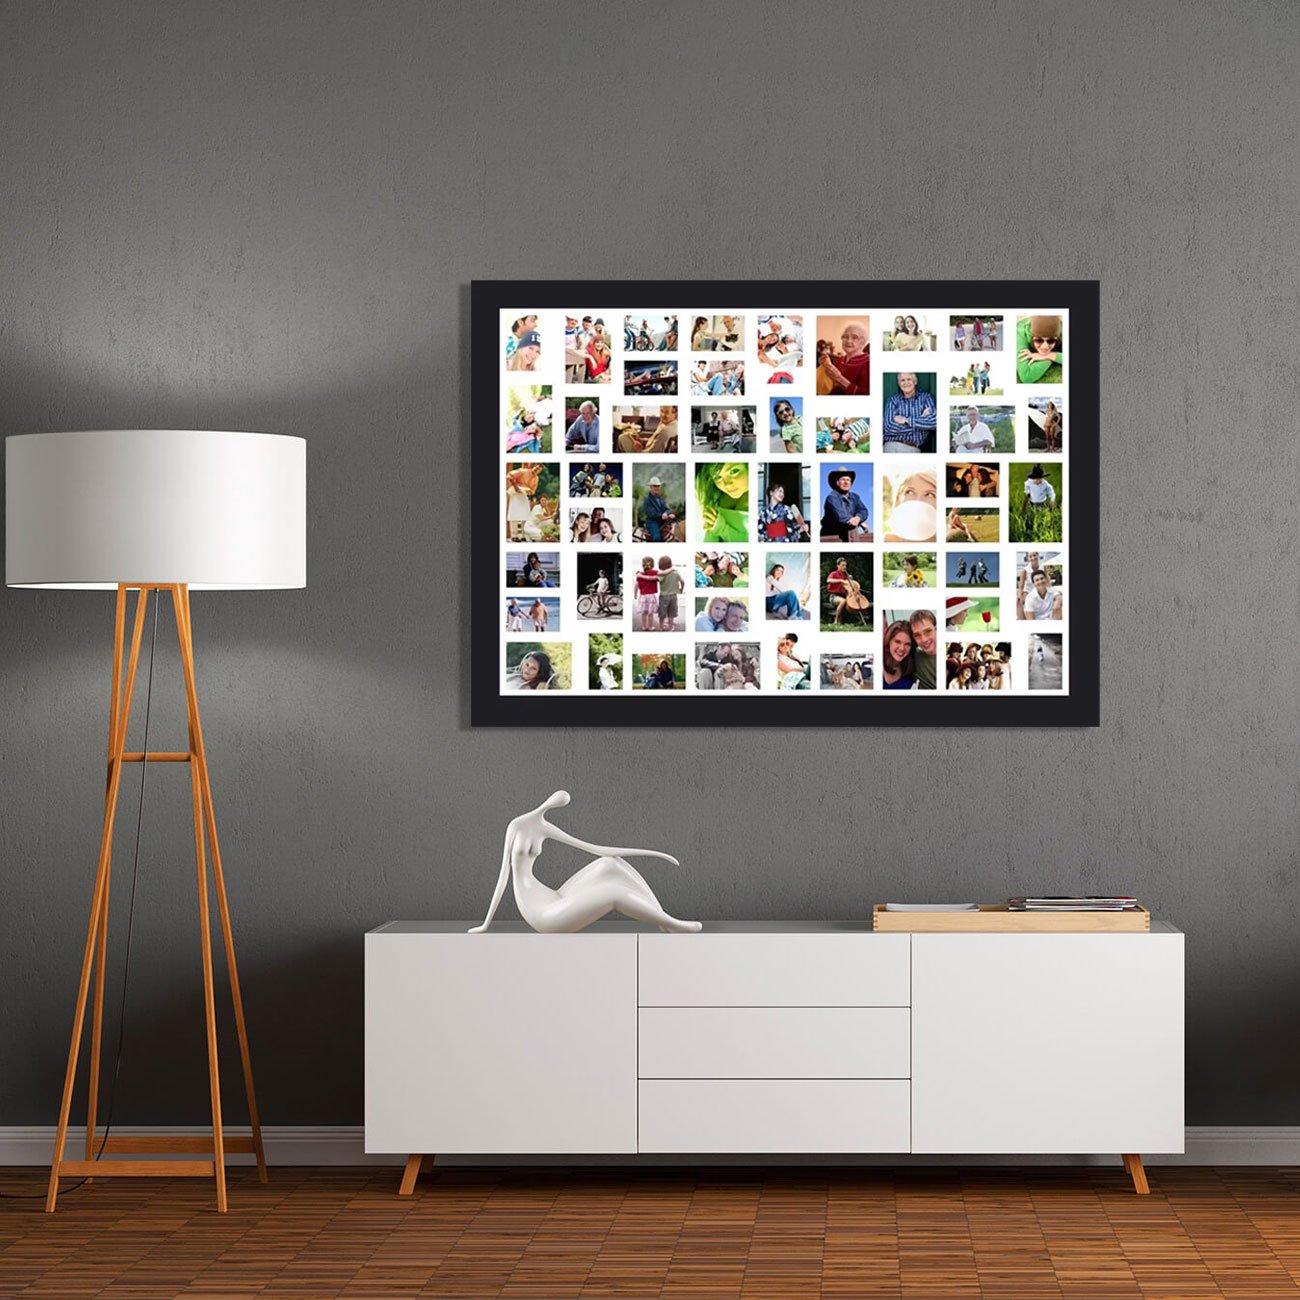 Quadro Painel de Fotos com Capacidade para 53 Fotos 160x110cm